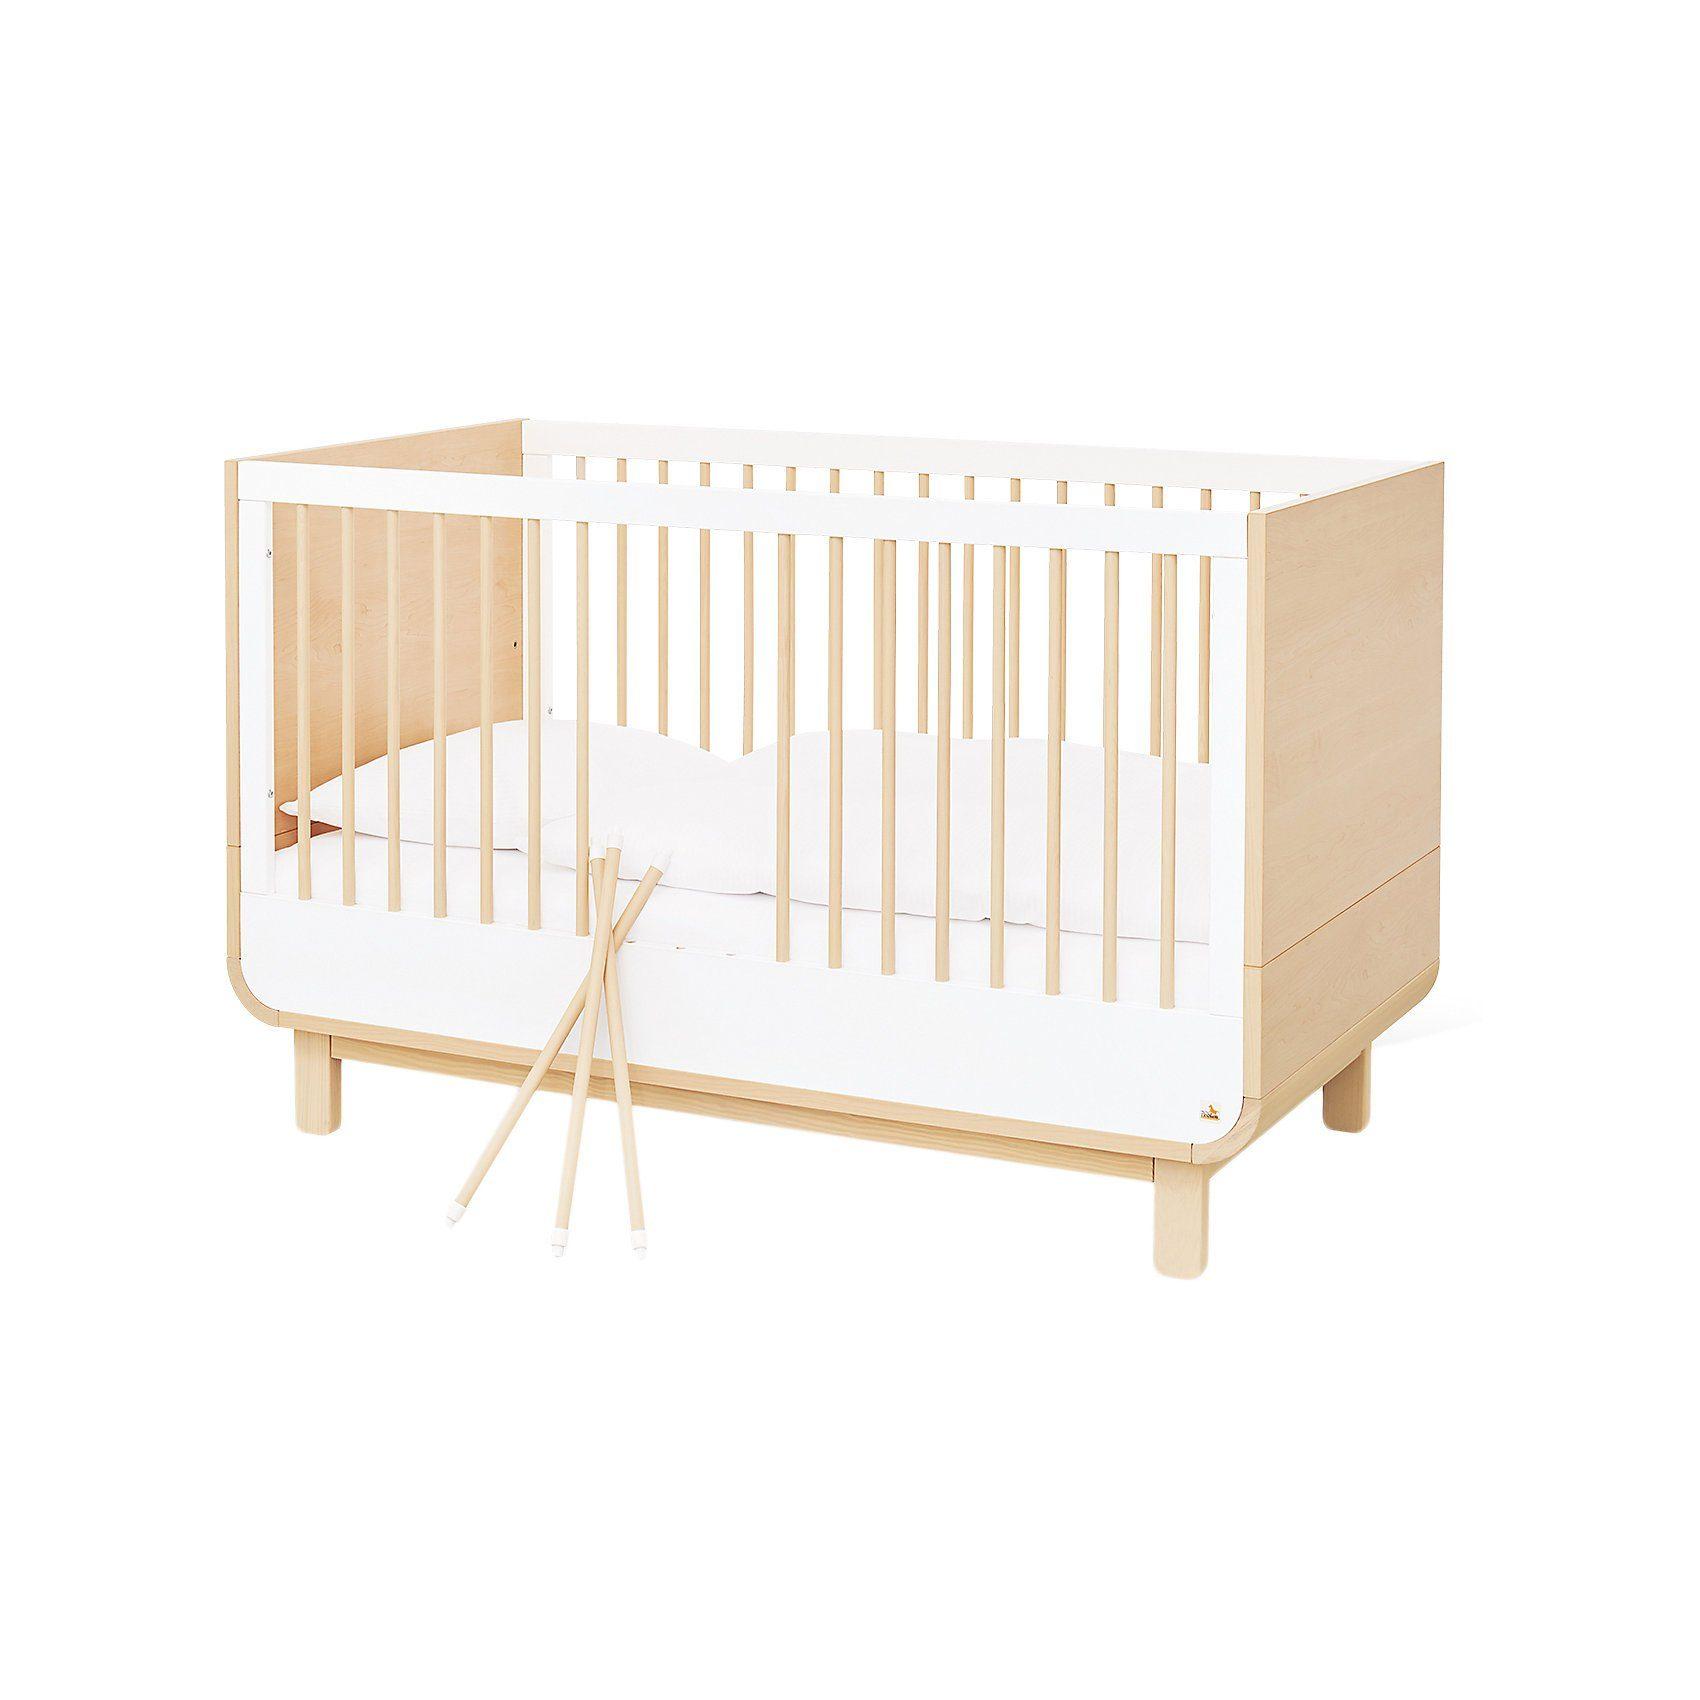 Pinolino® Kinderbett ROUND, Ahorn, weiß, 70 x 140 cm